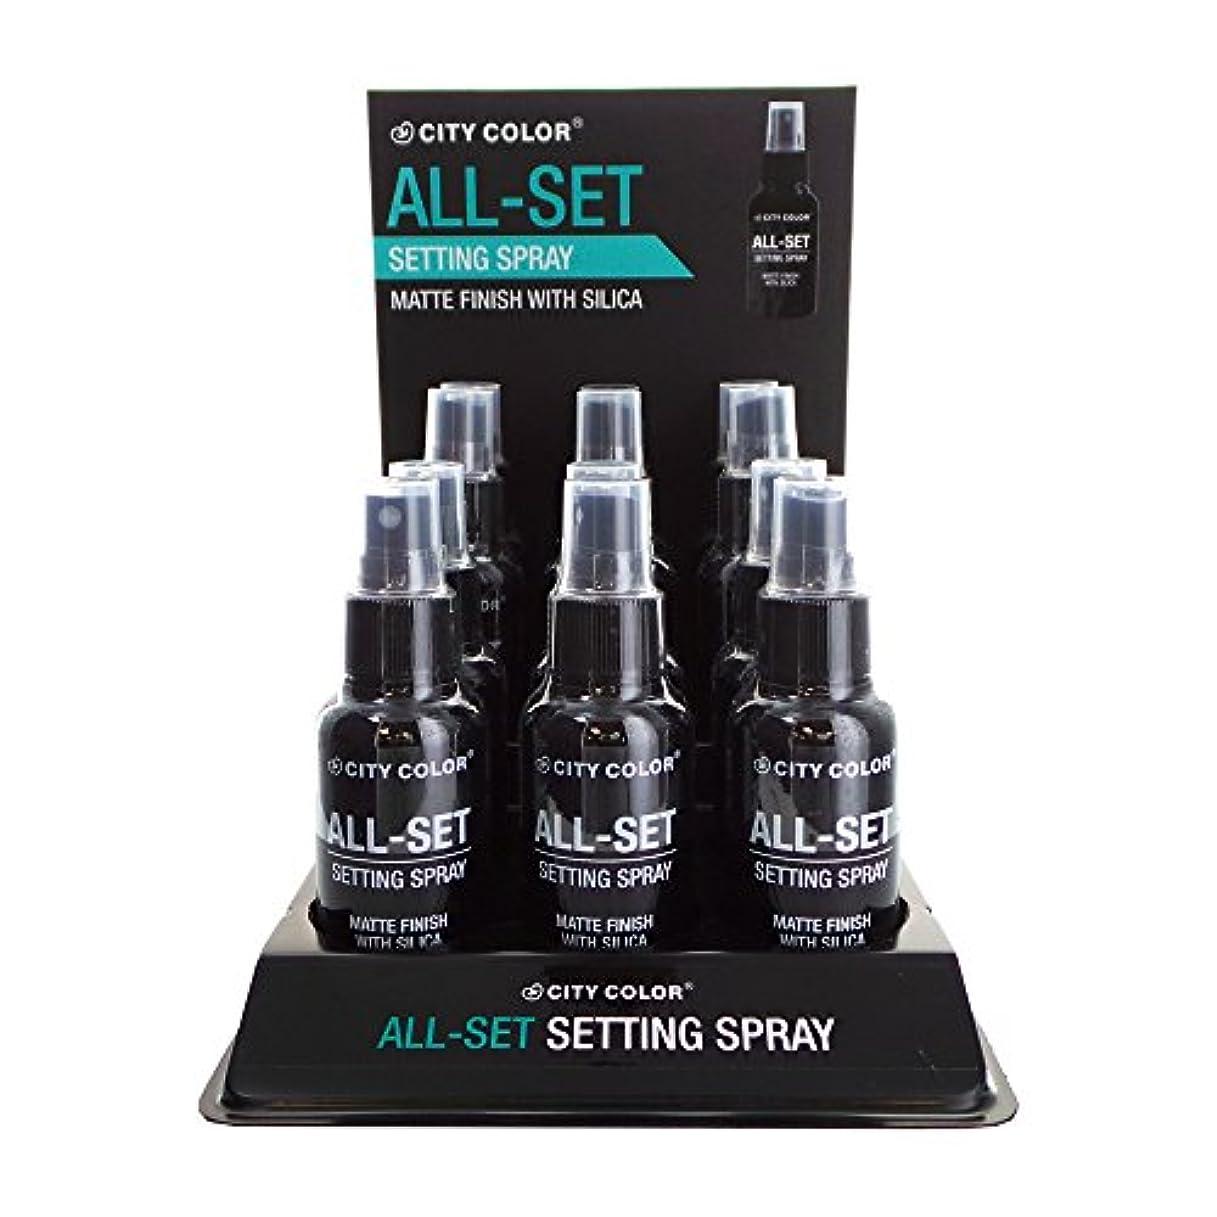 暗黙永遠の取得CITY COLOR All-Set Setting Spray Display Set, 12 Pieces (並行輸入品)